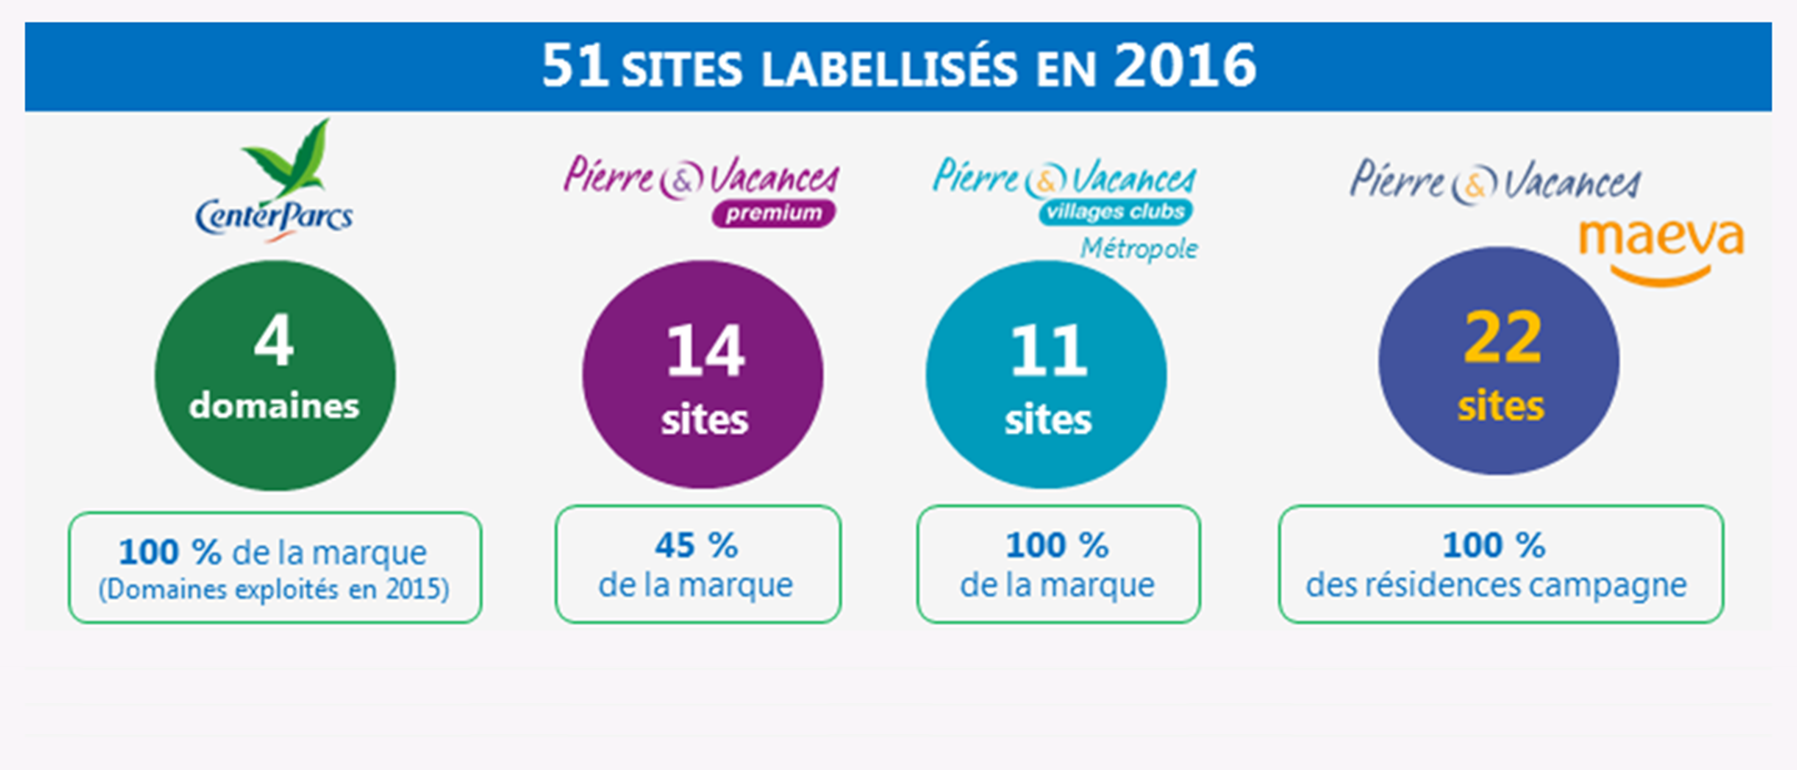 Les sites du Groupe labellisés Clef Verte